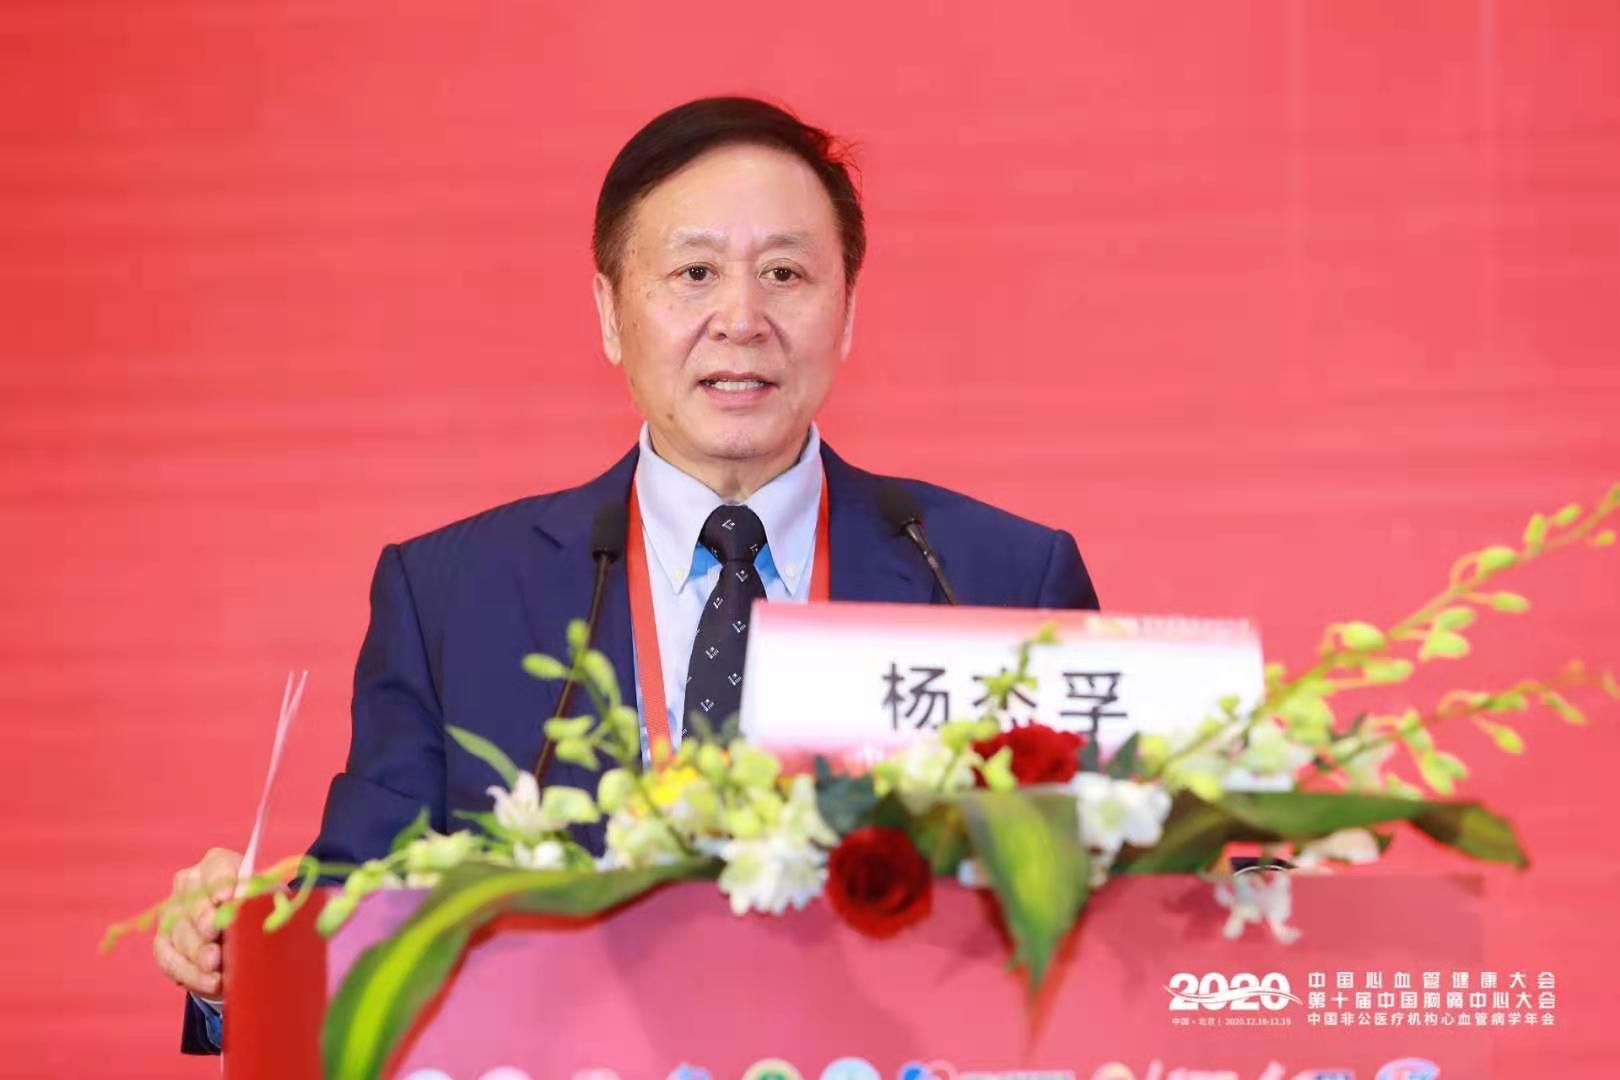 源动力·心选择丨2020中国心血管健康大会恩艾地卫星会